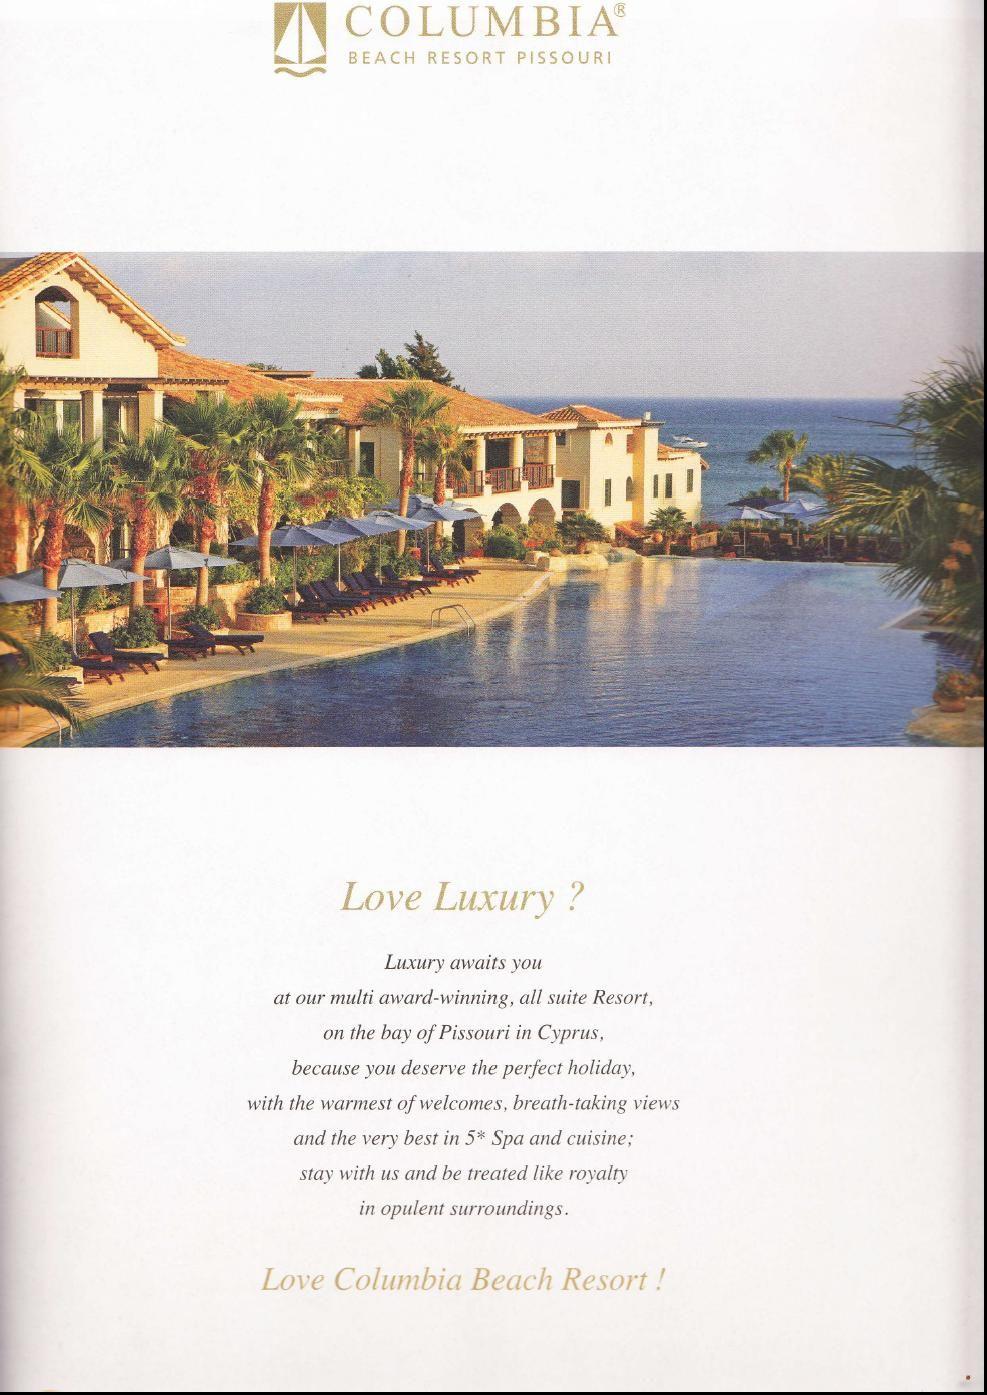 Quintessentially Magazine Www Columbiaresort Com Beach Resorts Resort Beach